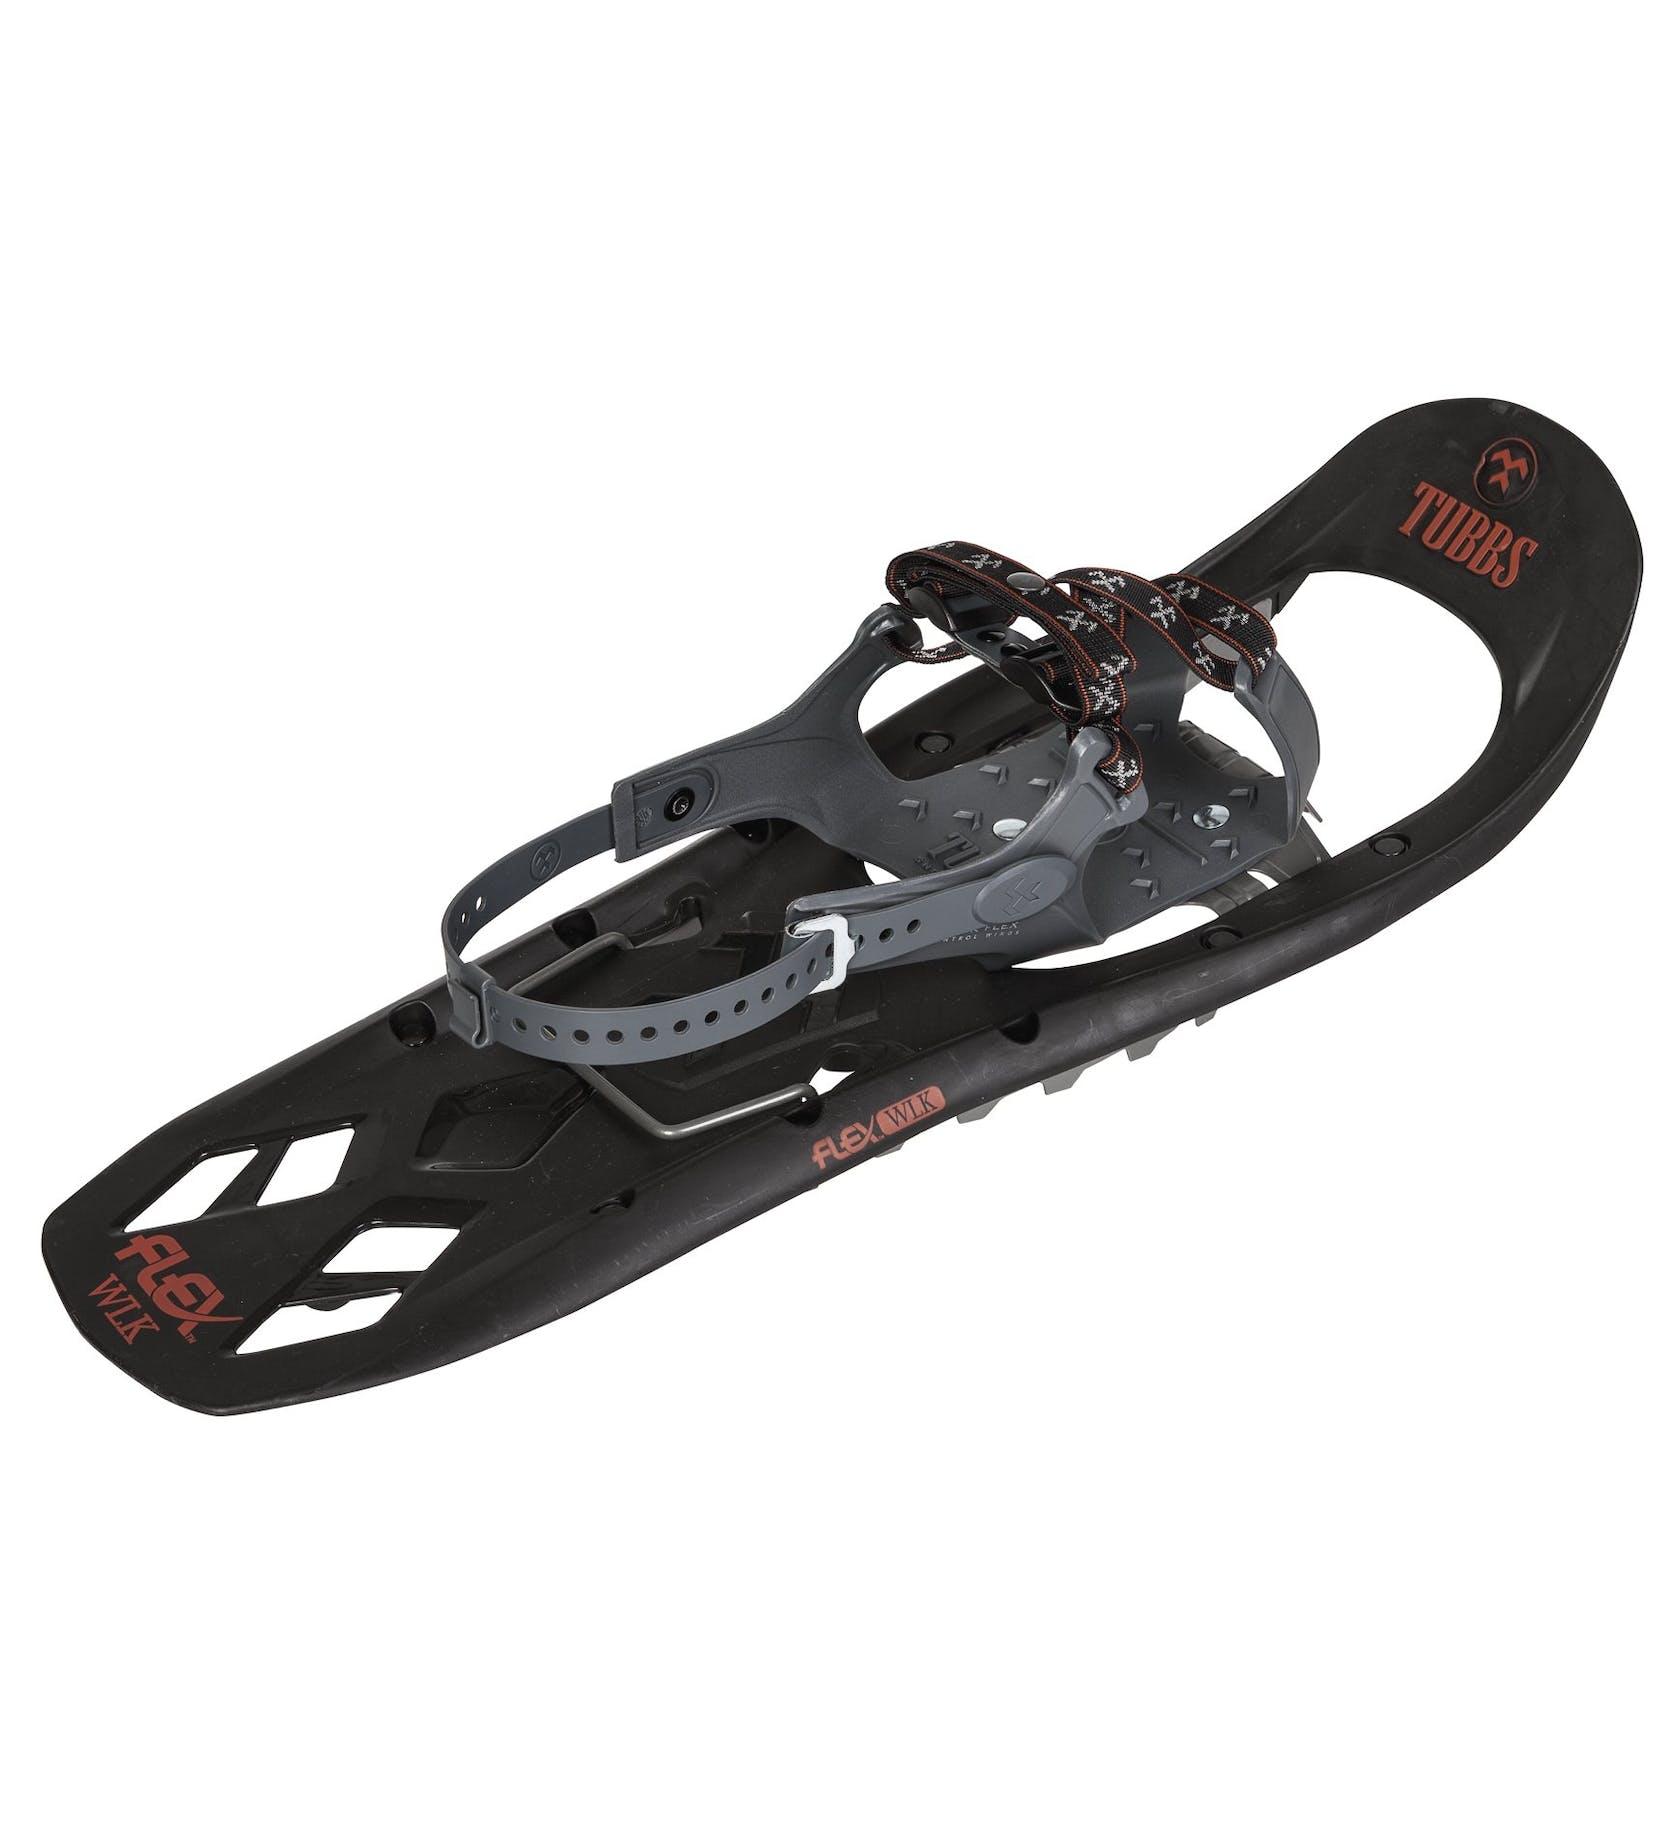 Tubbs Flex WLK M24 - Schneeschuhe